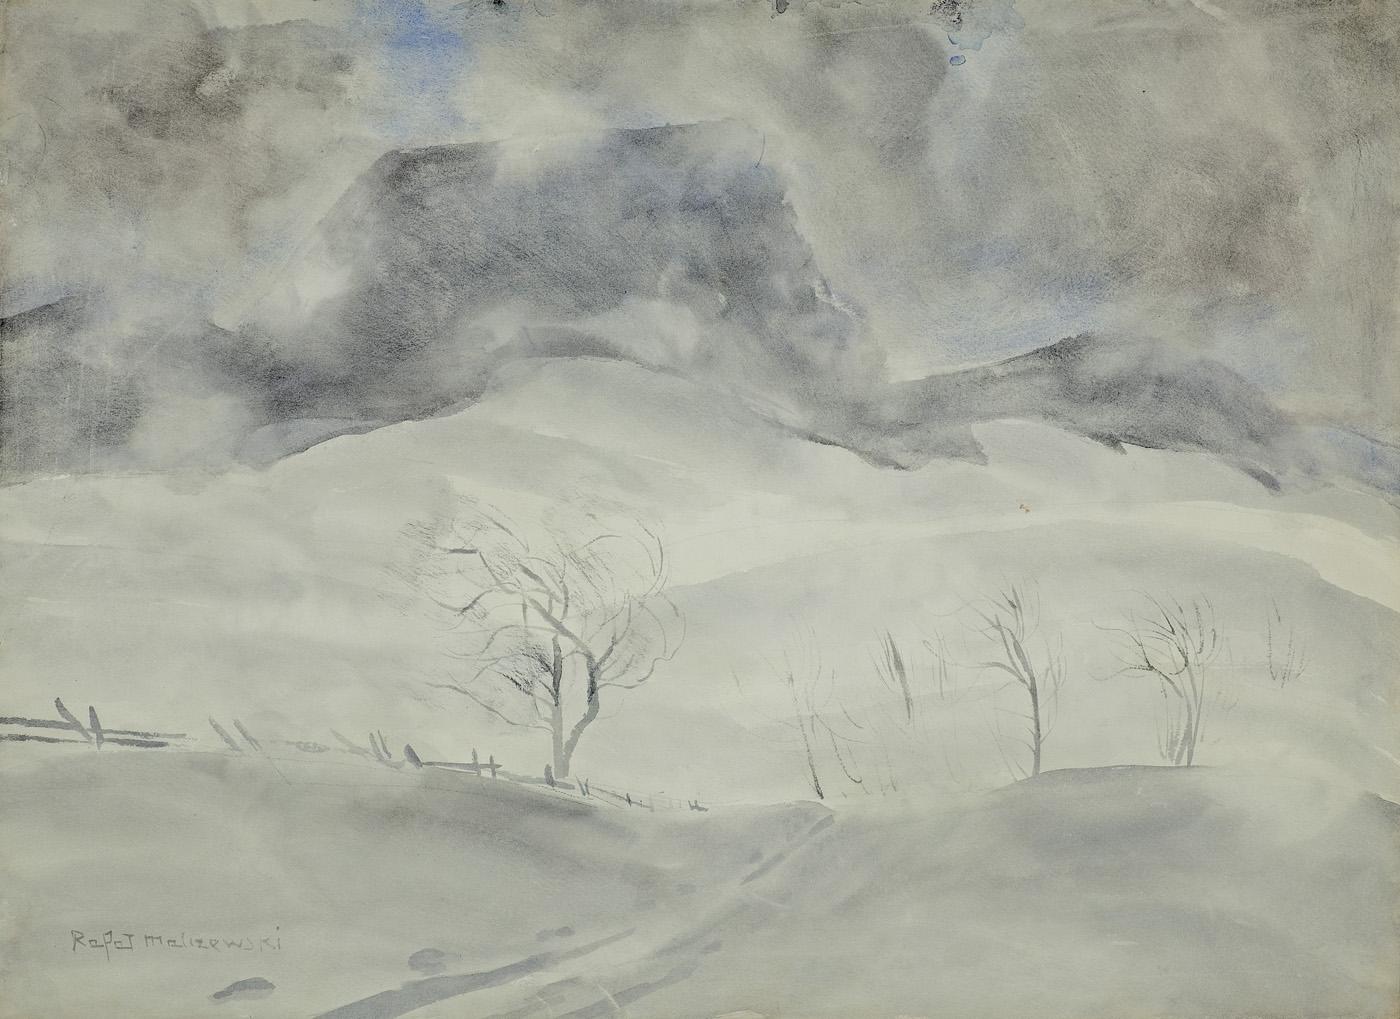 """Rafał Malczewski """"Pejzaż zimowy"""", ok. 1950 roku, źródło: Agra-Art"""